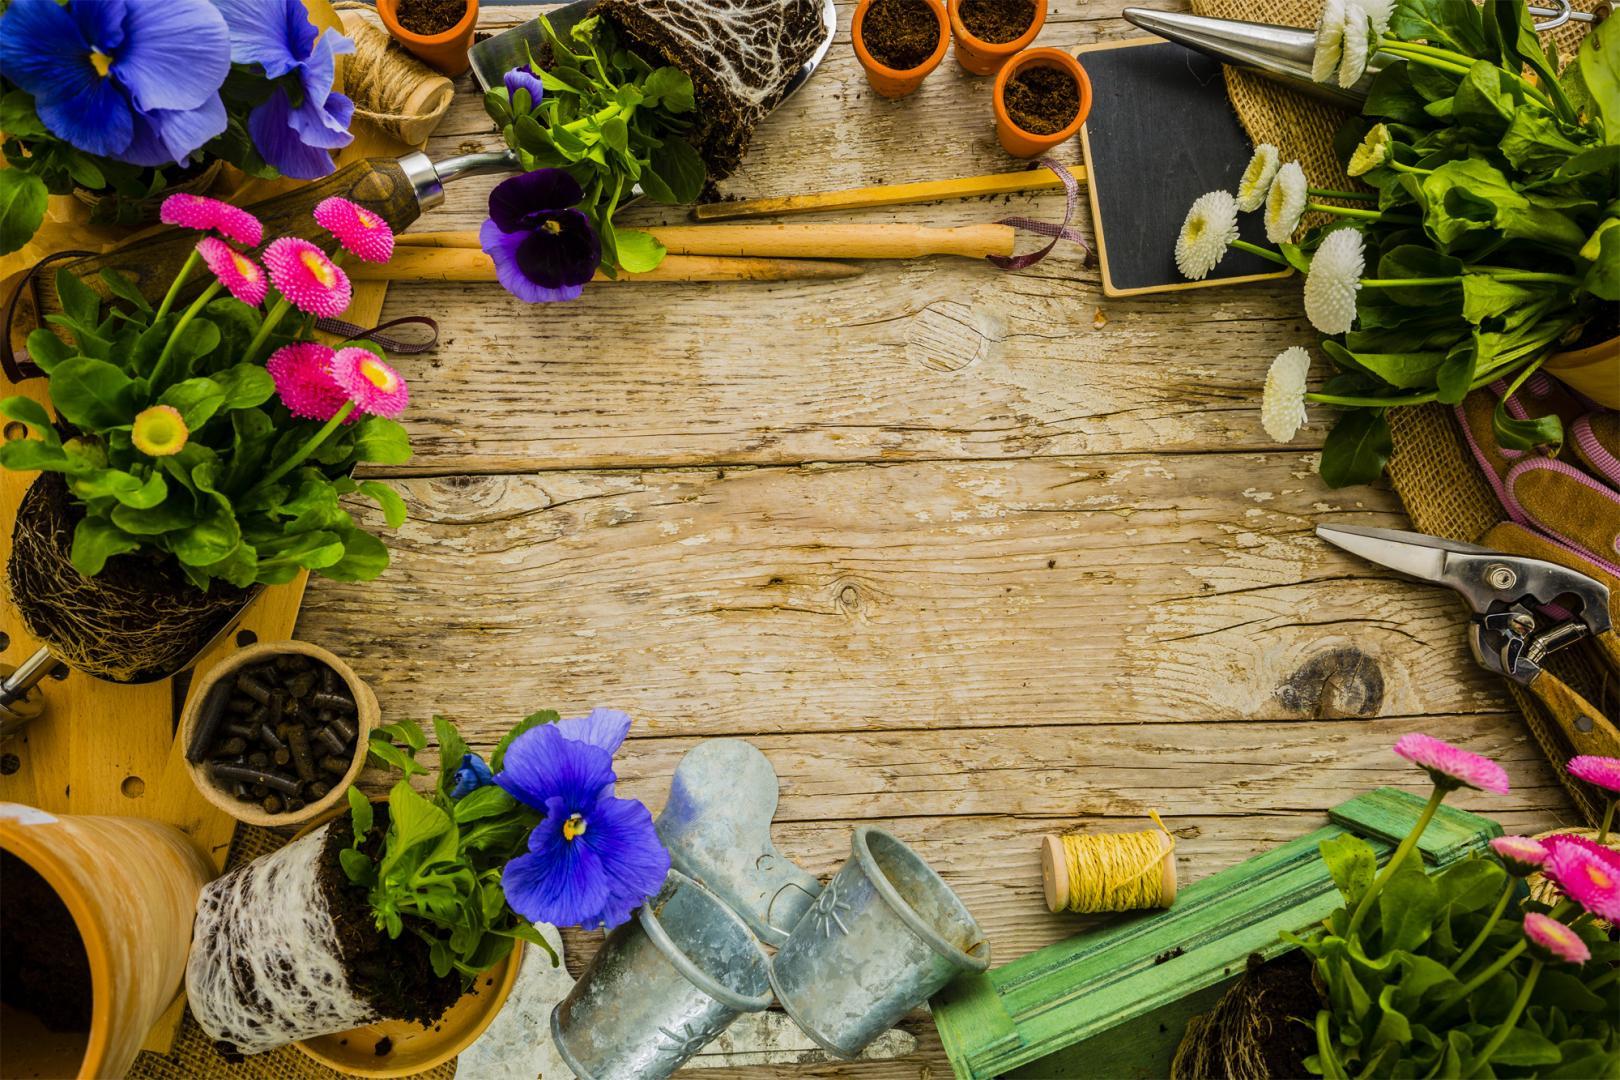 Producteur de plantes vivaces et gramin es reims ch lons for Entretien plantes vivaces